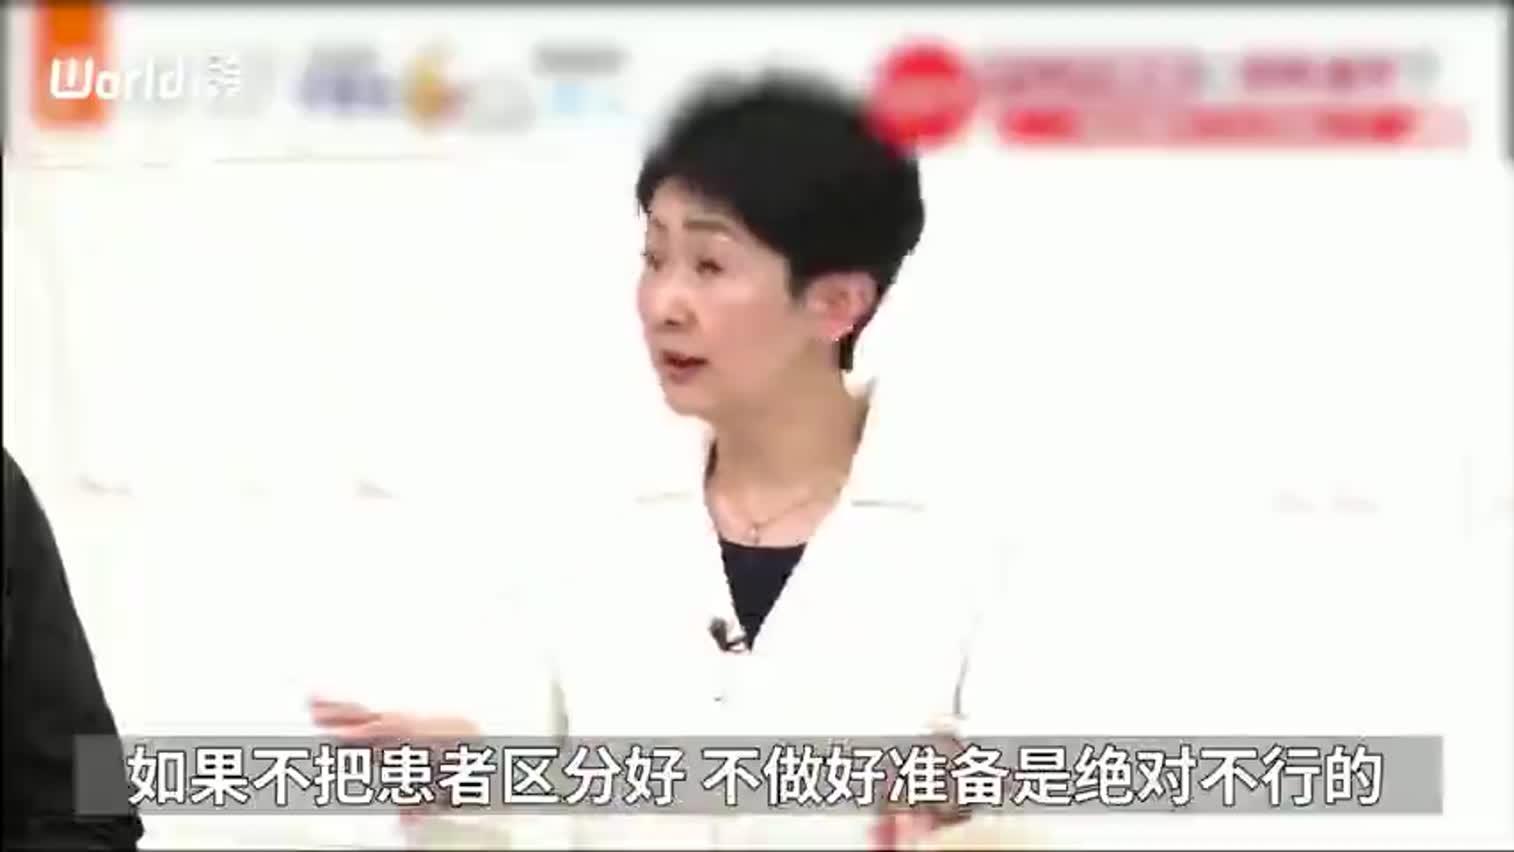 视频 日本教授因防疫建议被忽视在节目发飙:我不是